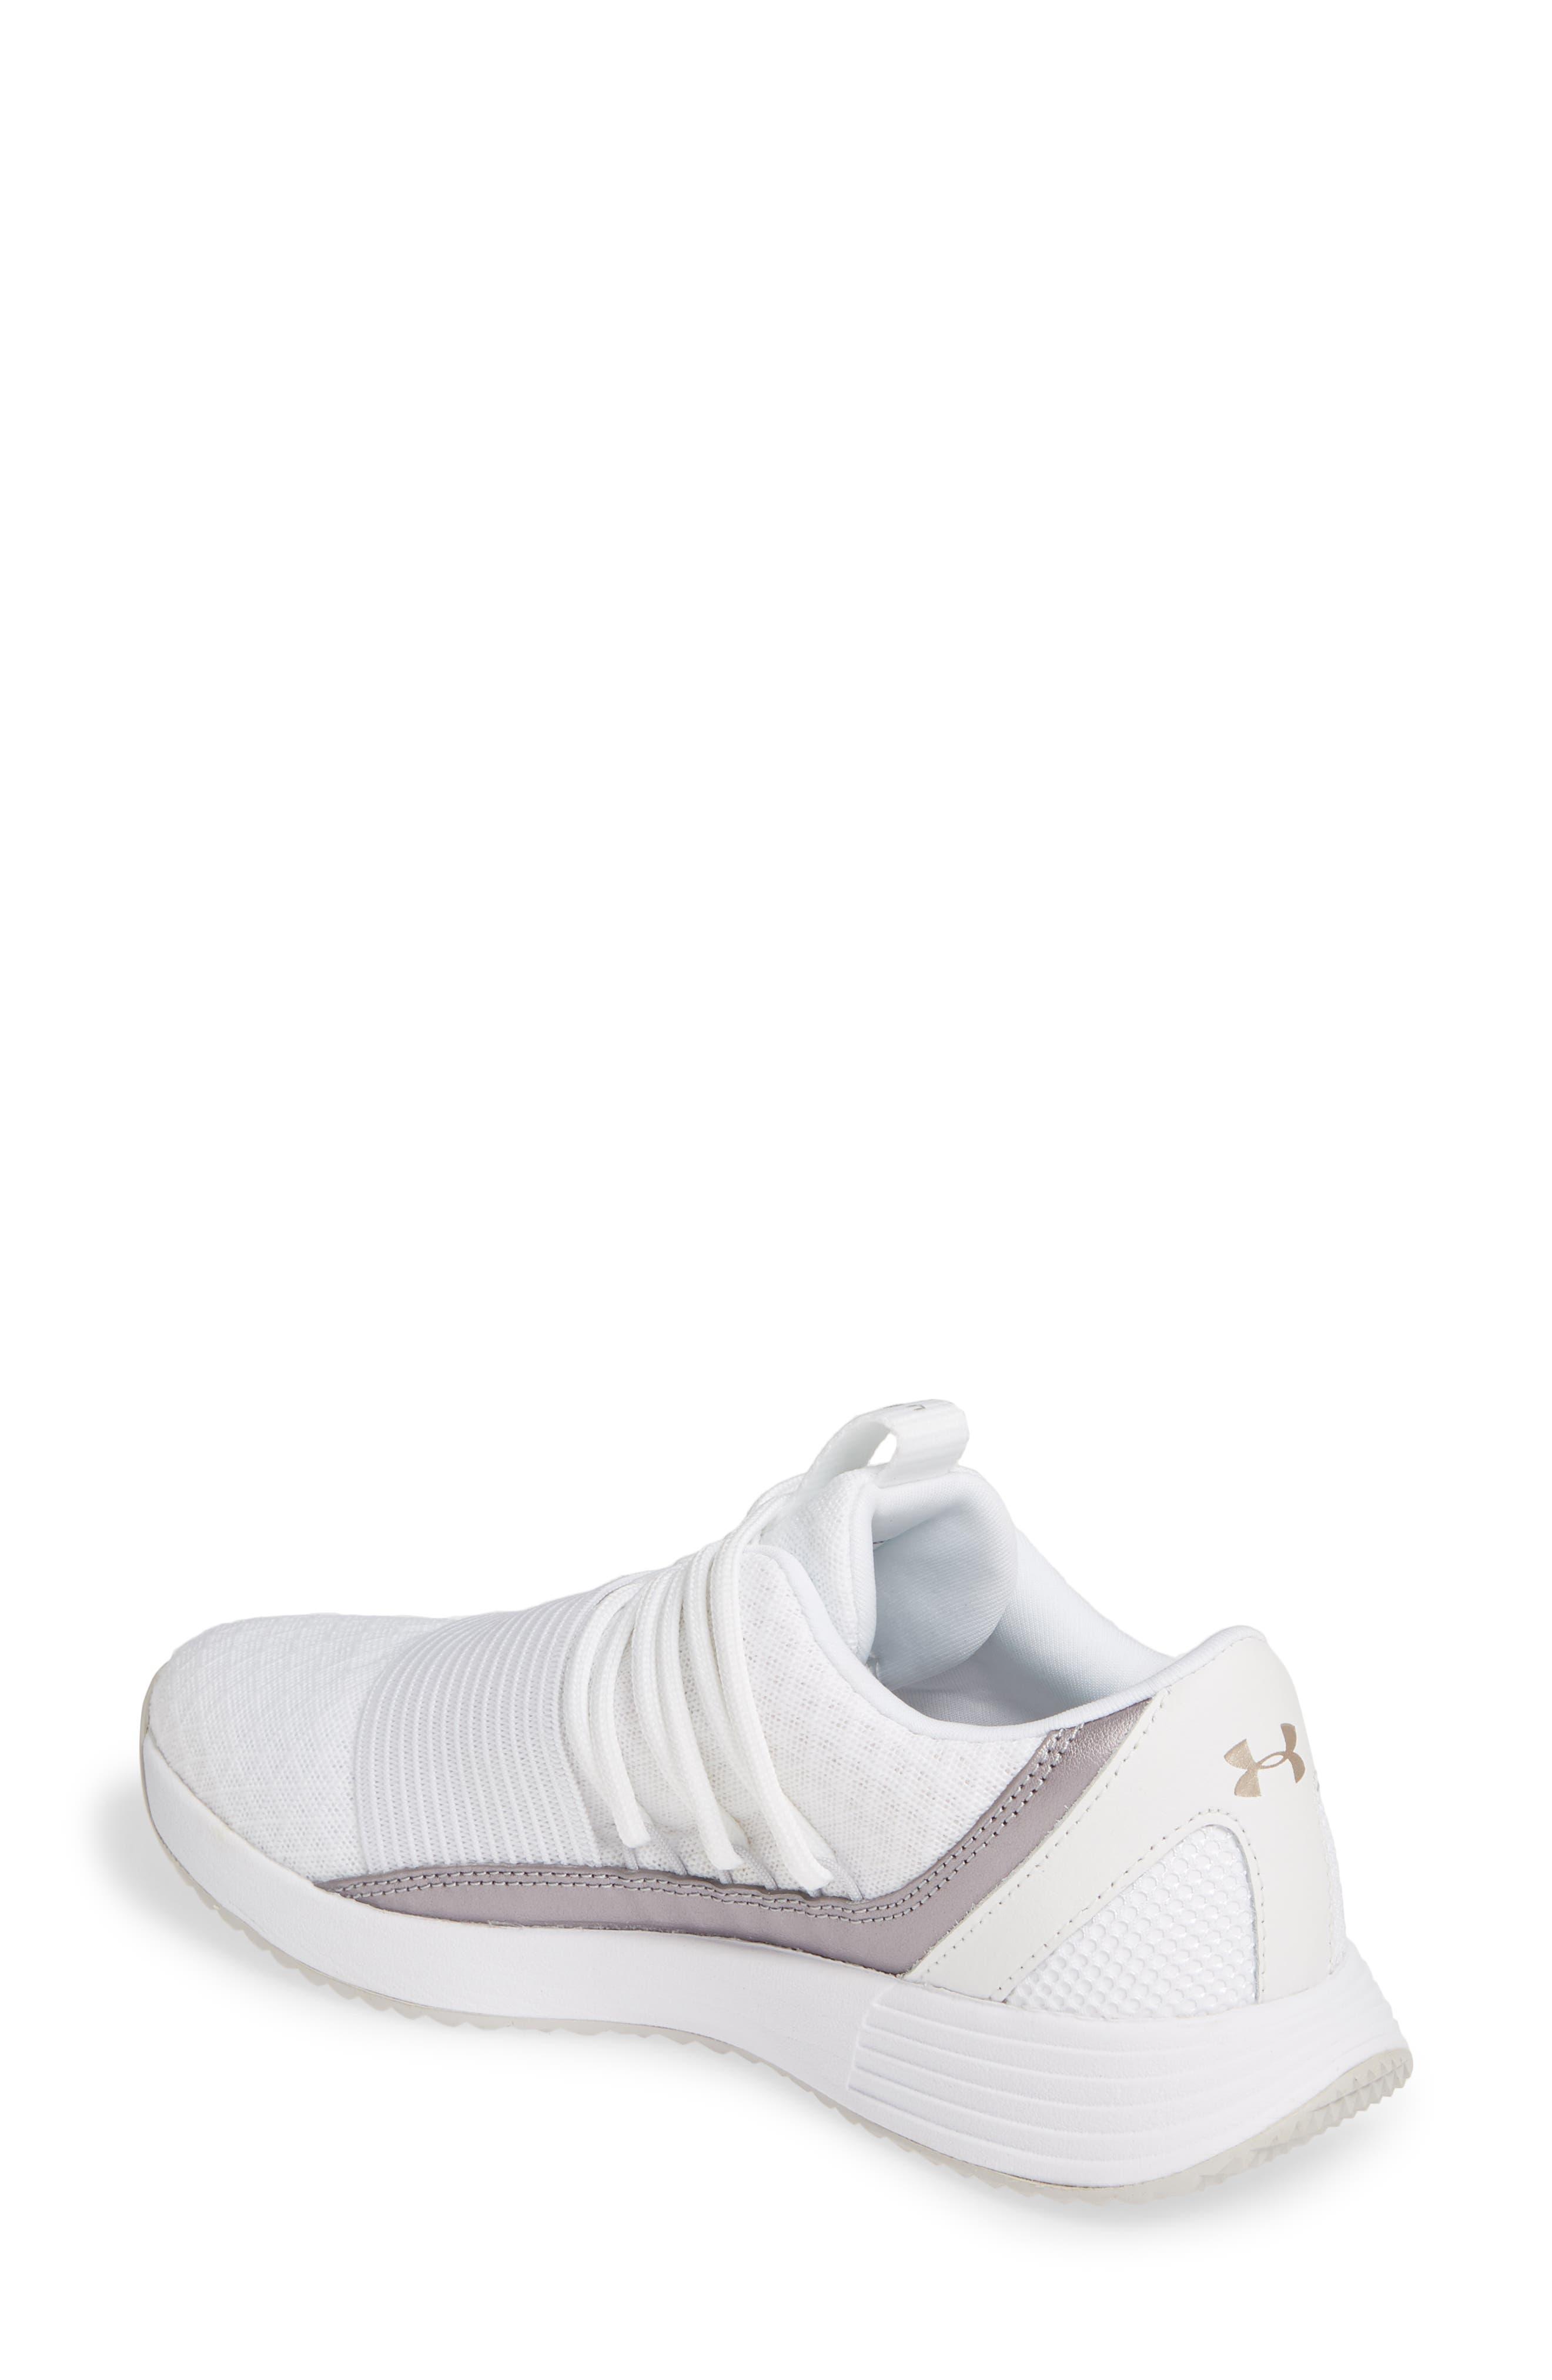 UNDER ARMOUR,                             Breathe Lace X NM Sneaker,                             Alternate thumbnail 2, color,                             WHITE/ WHITE/ METALLIC BLUSH